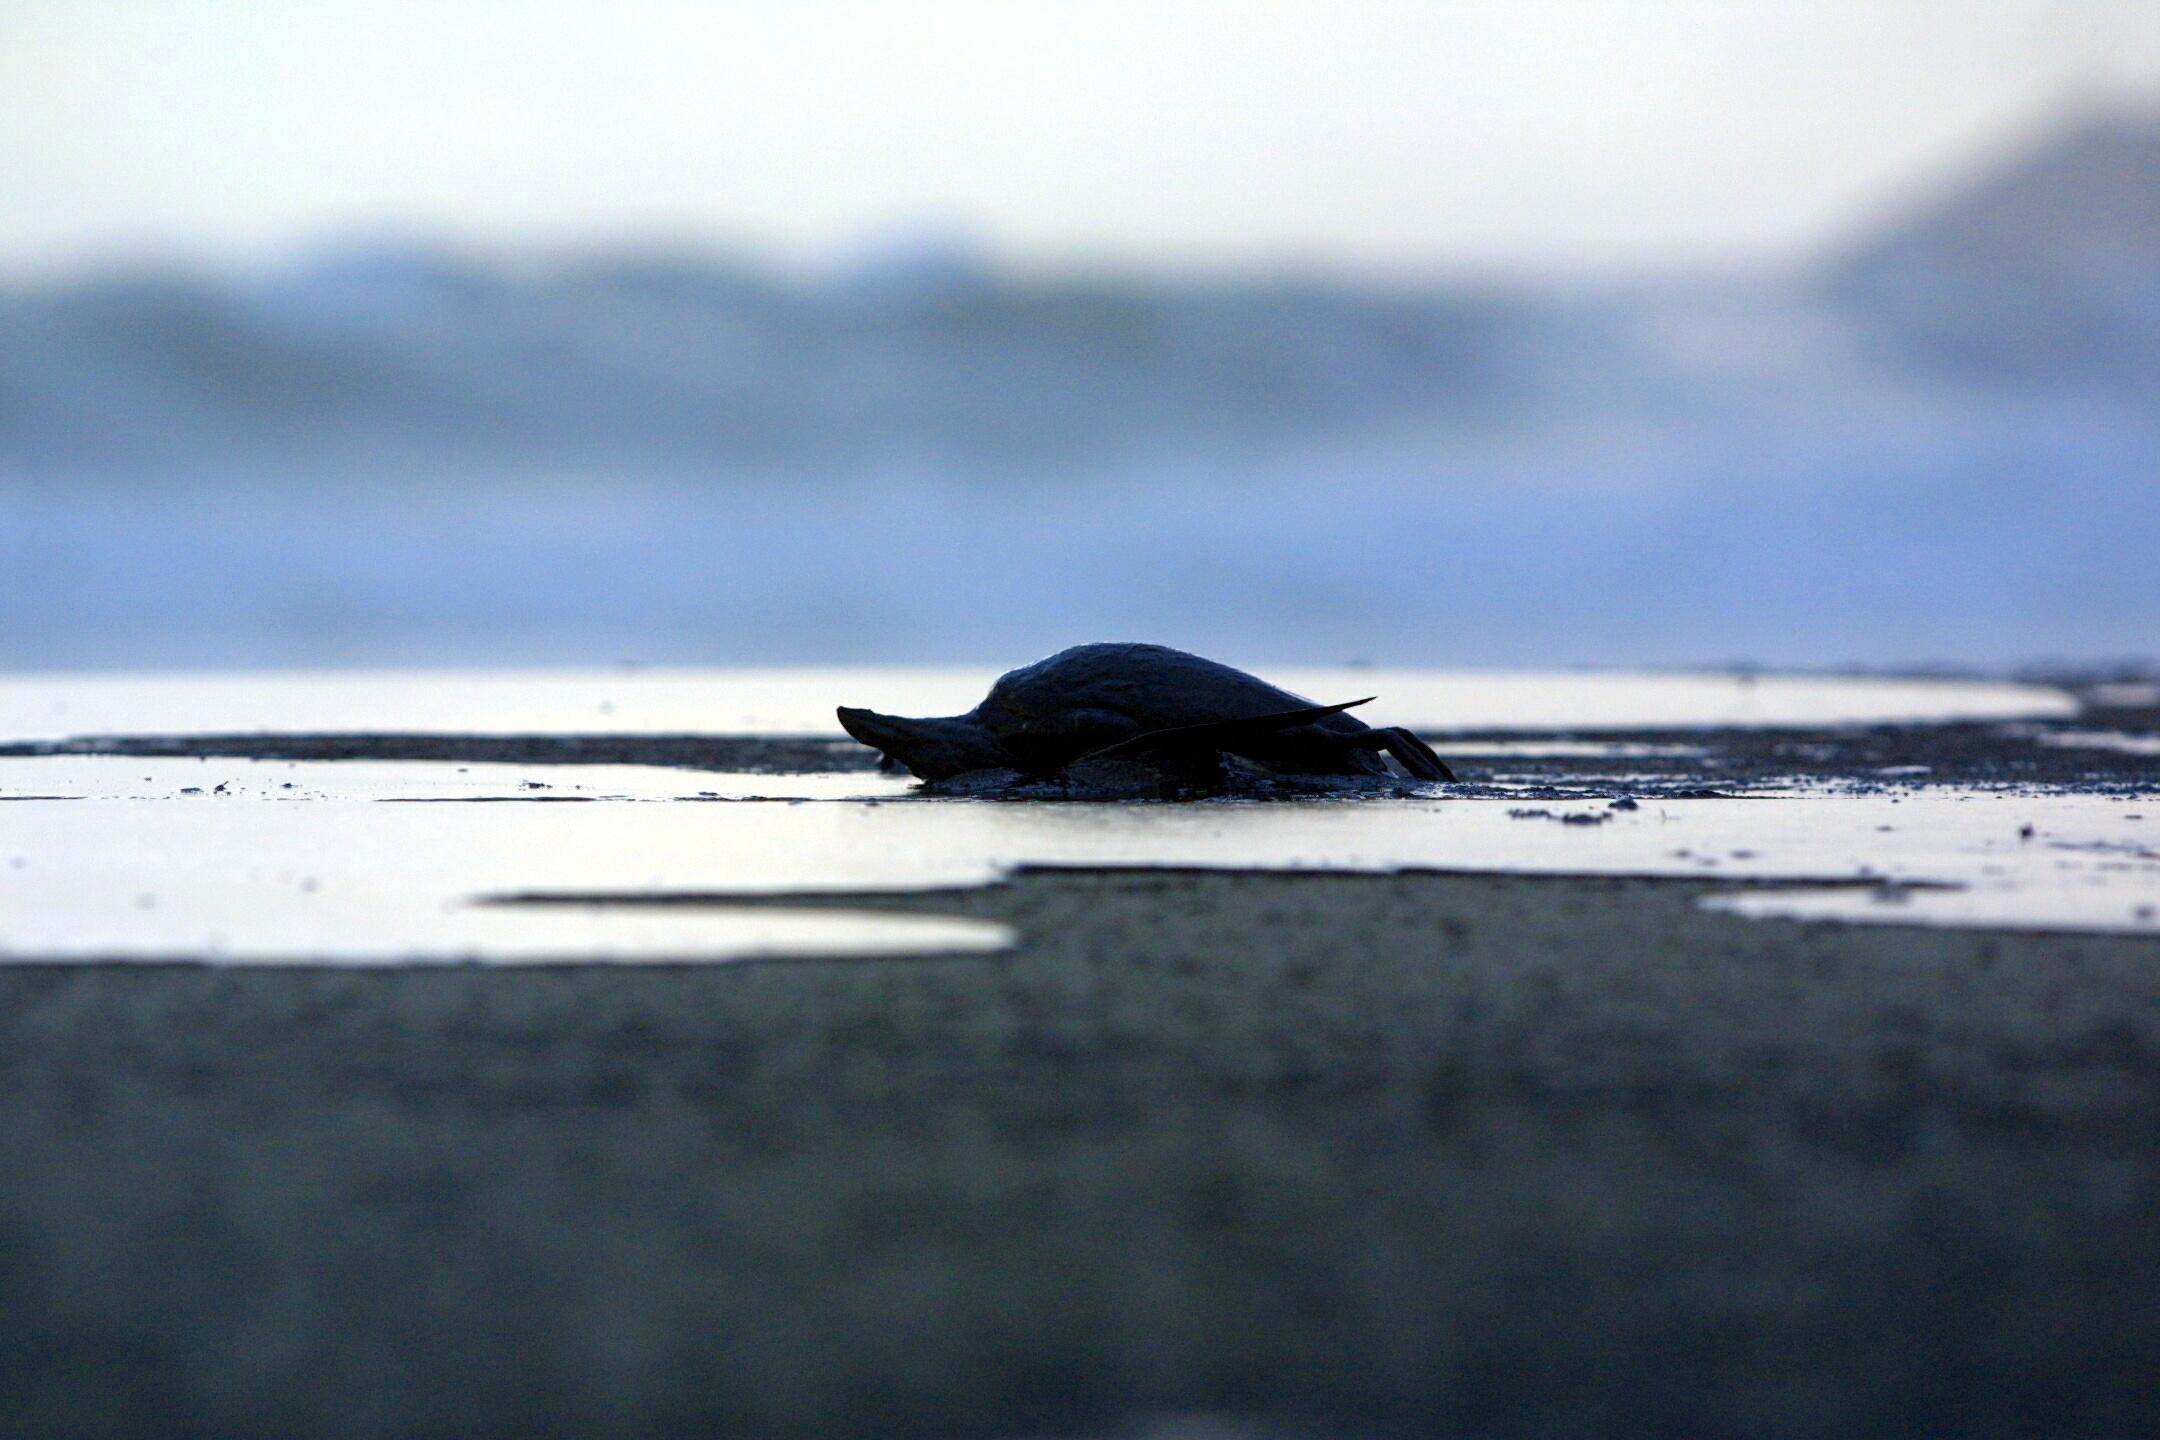 Un cormorán muerto en la playa de Barrañan (Arteixo). <br><b>Xosé Castro</b>